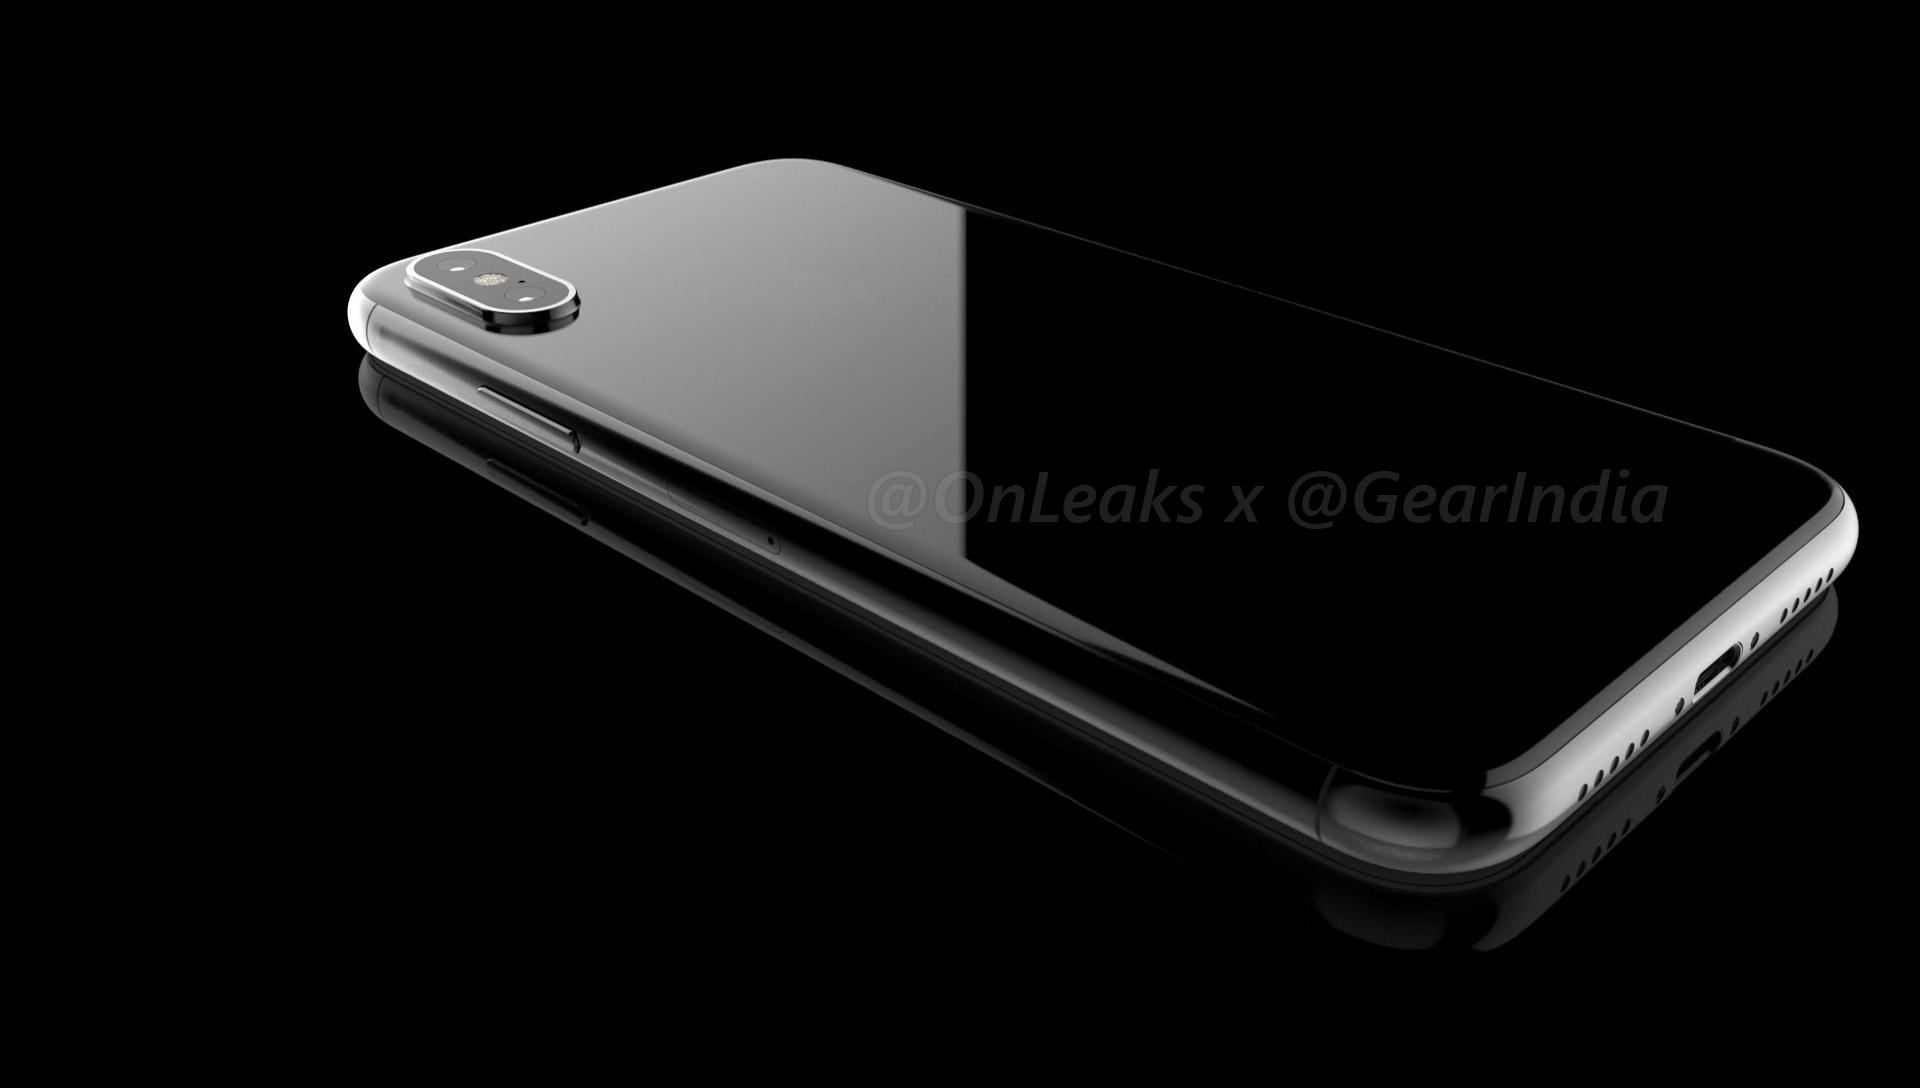 onleaks-iphone-8-lauren-blog-5.jpg